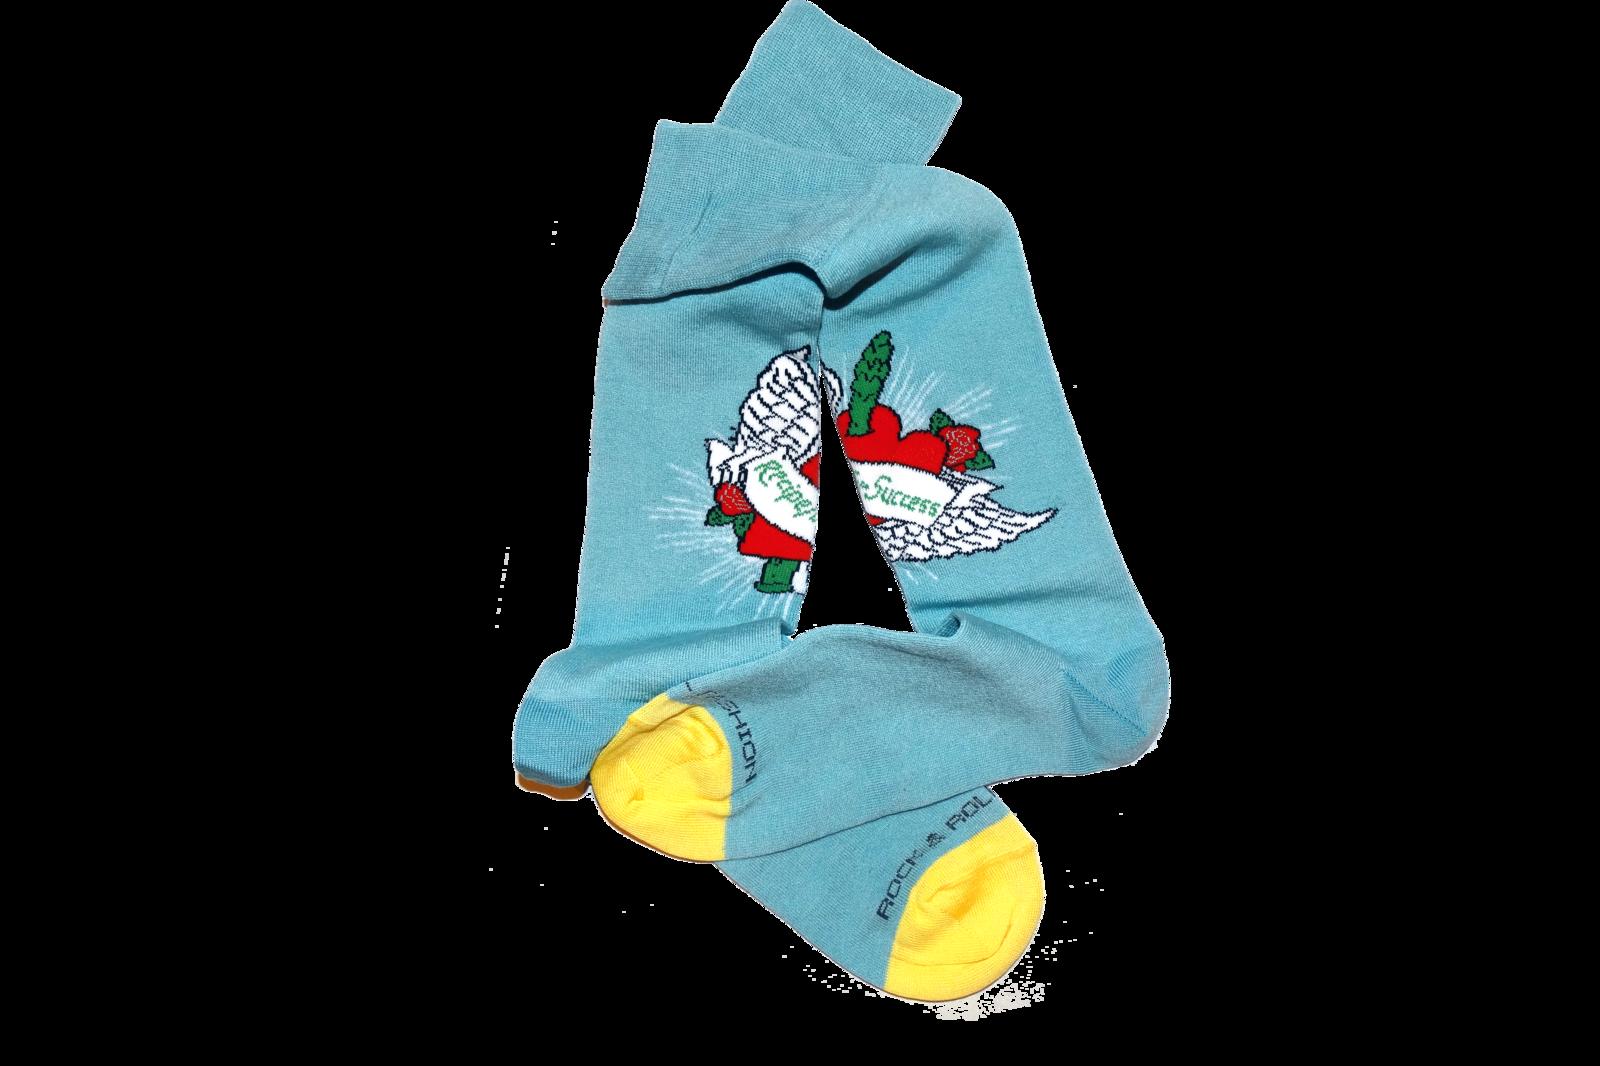 Rfs socks 2 1  mylxbt